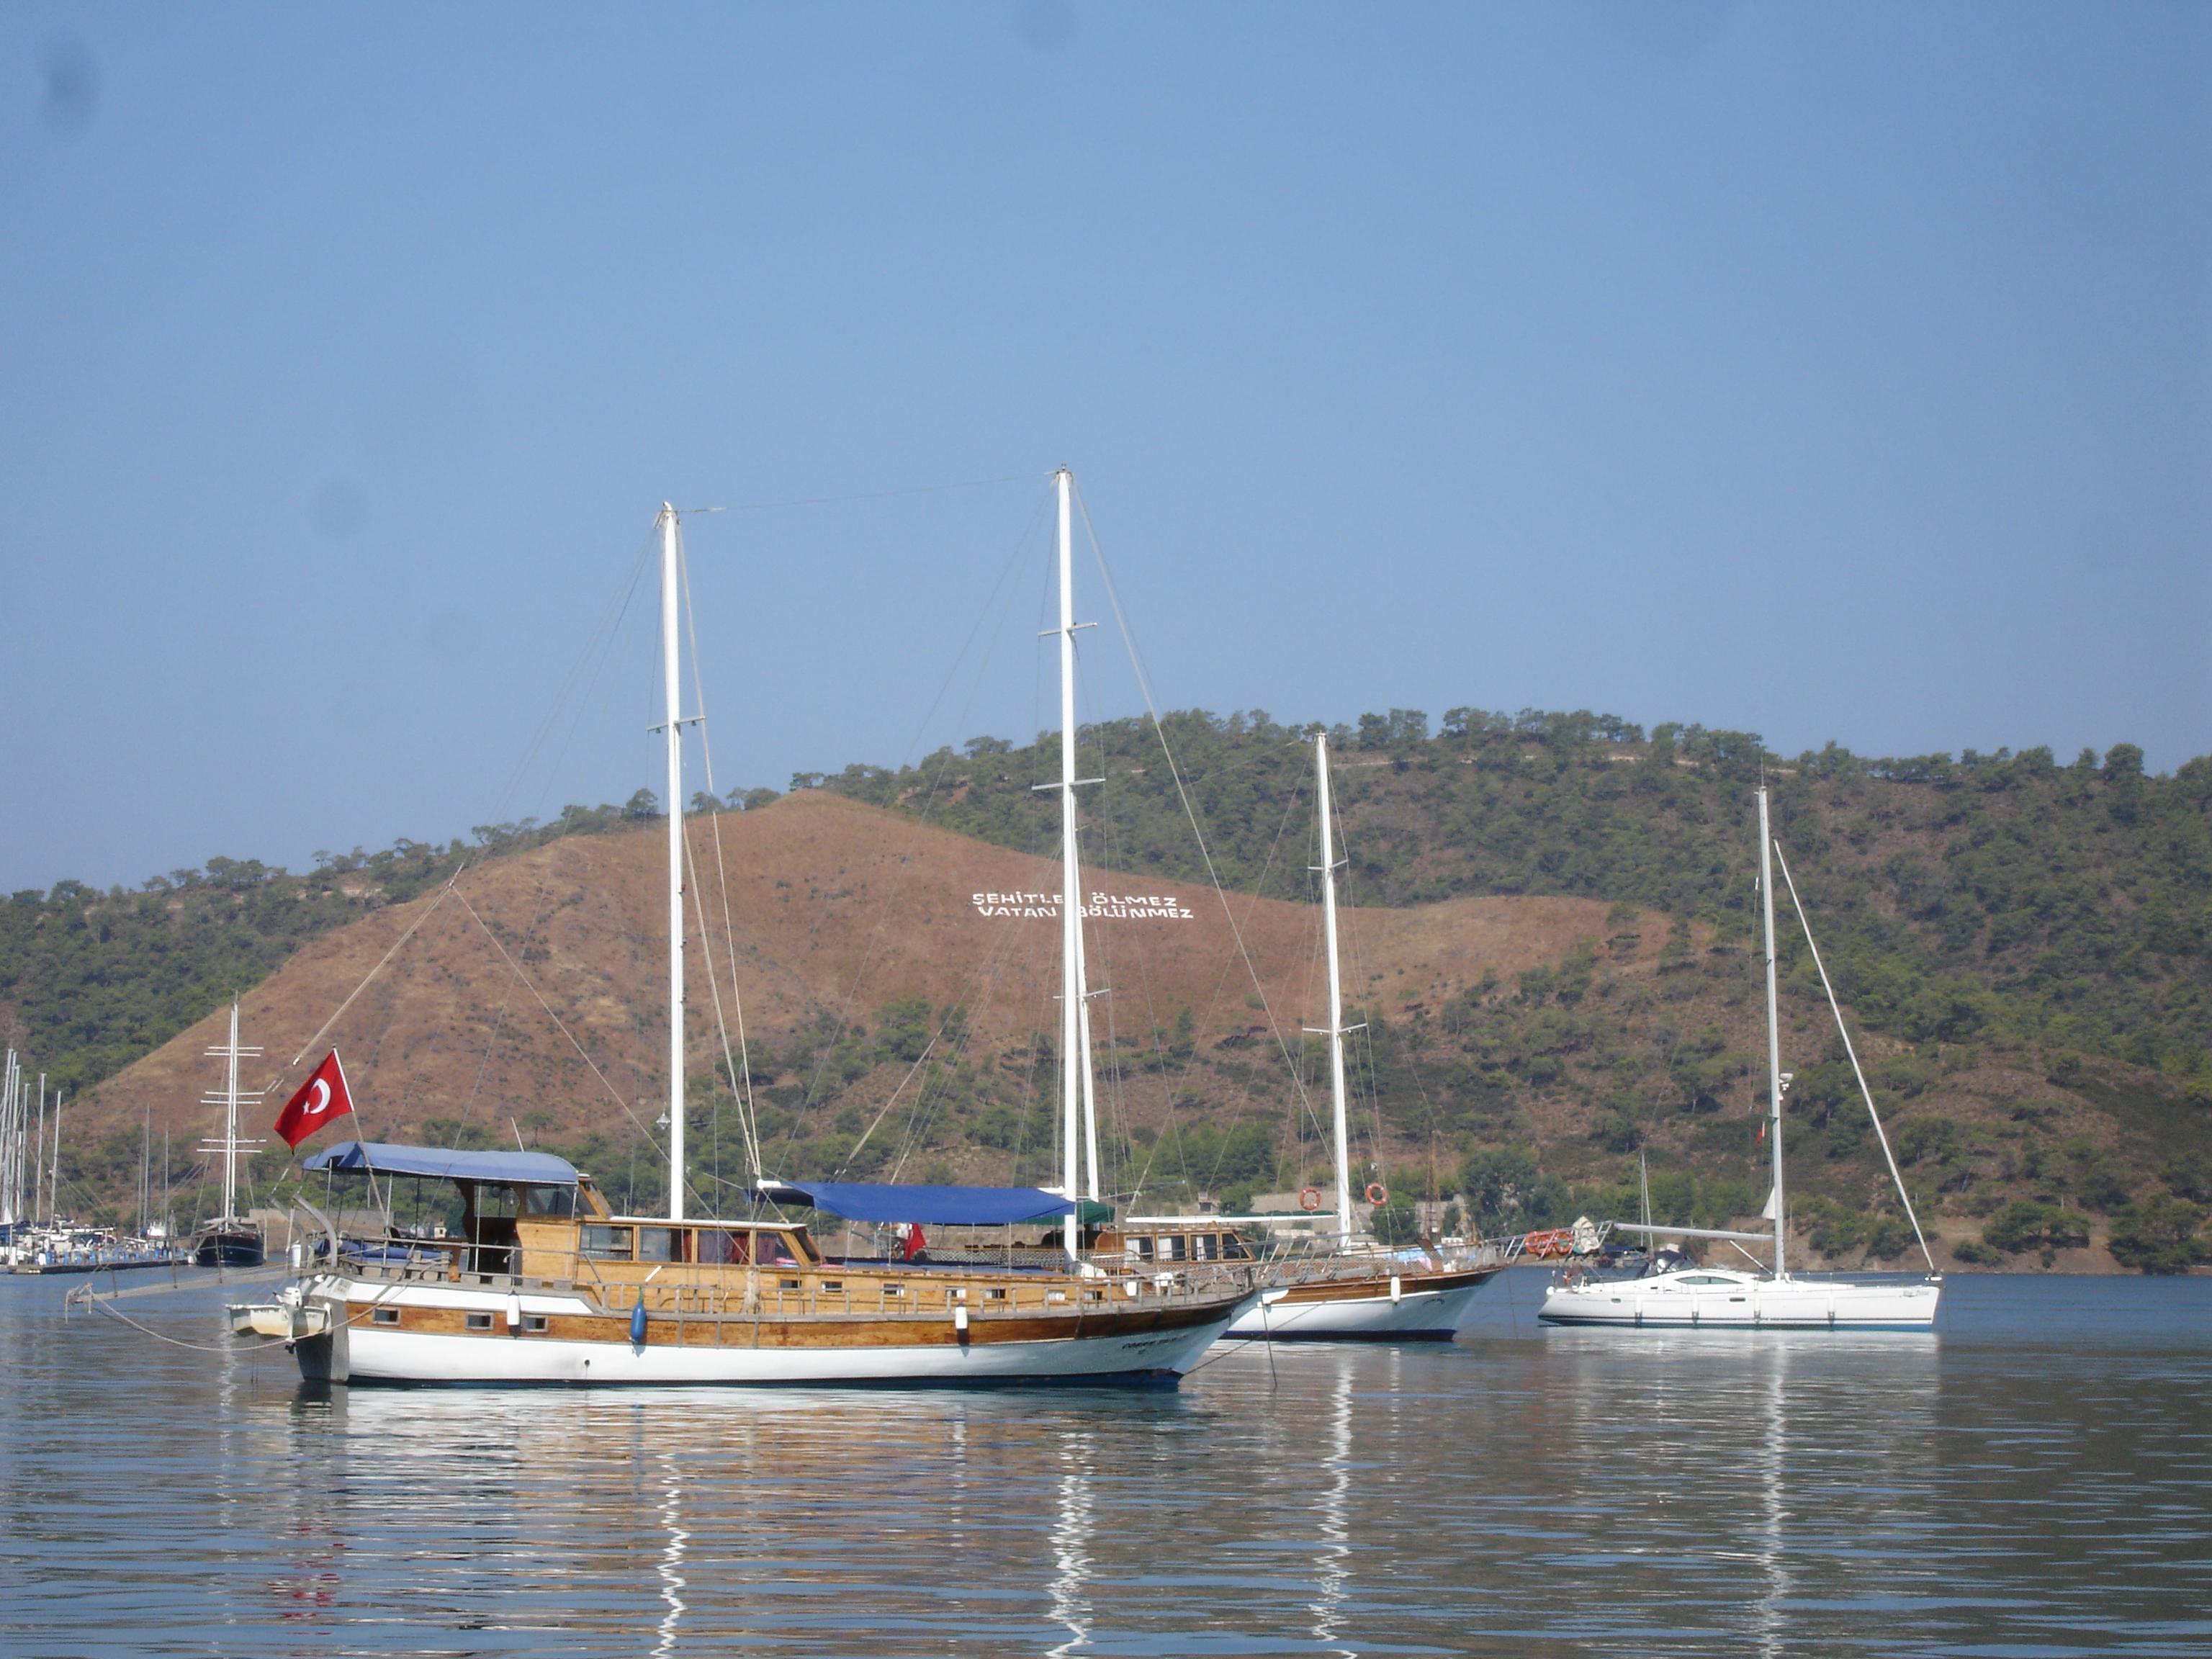 Turkey investment property- gulets